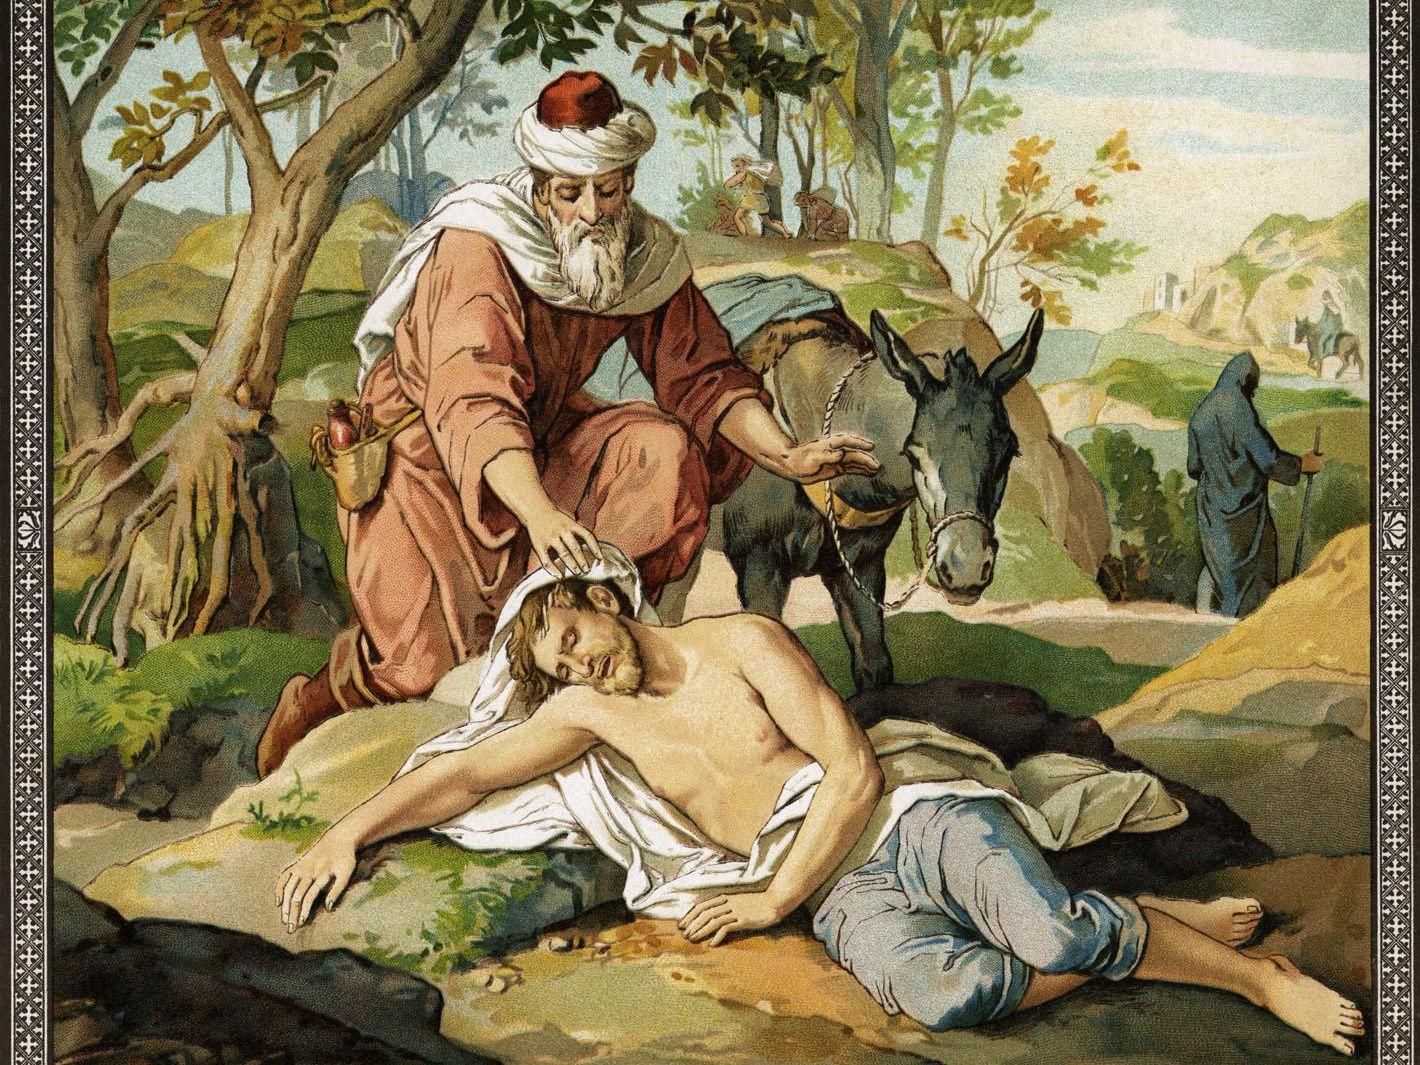 The Good Samaritan Parable Teaches About Love